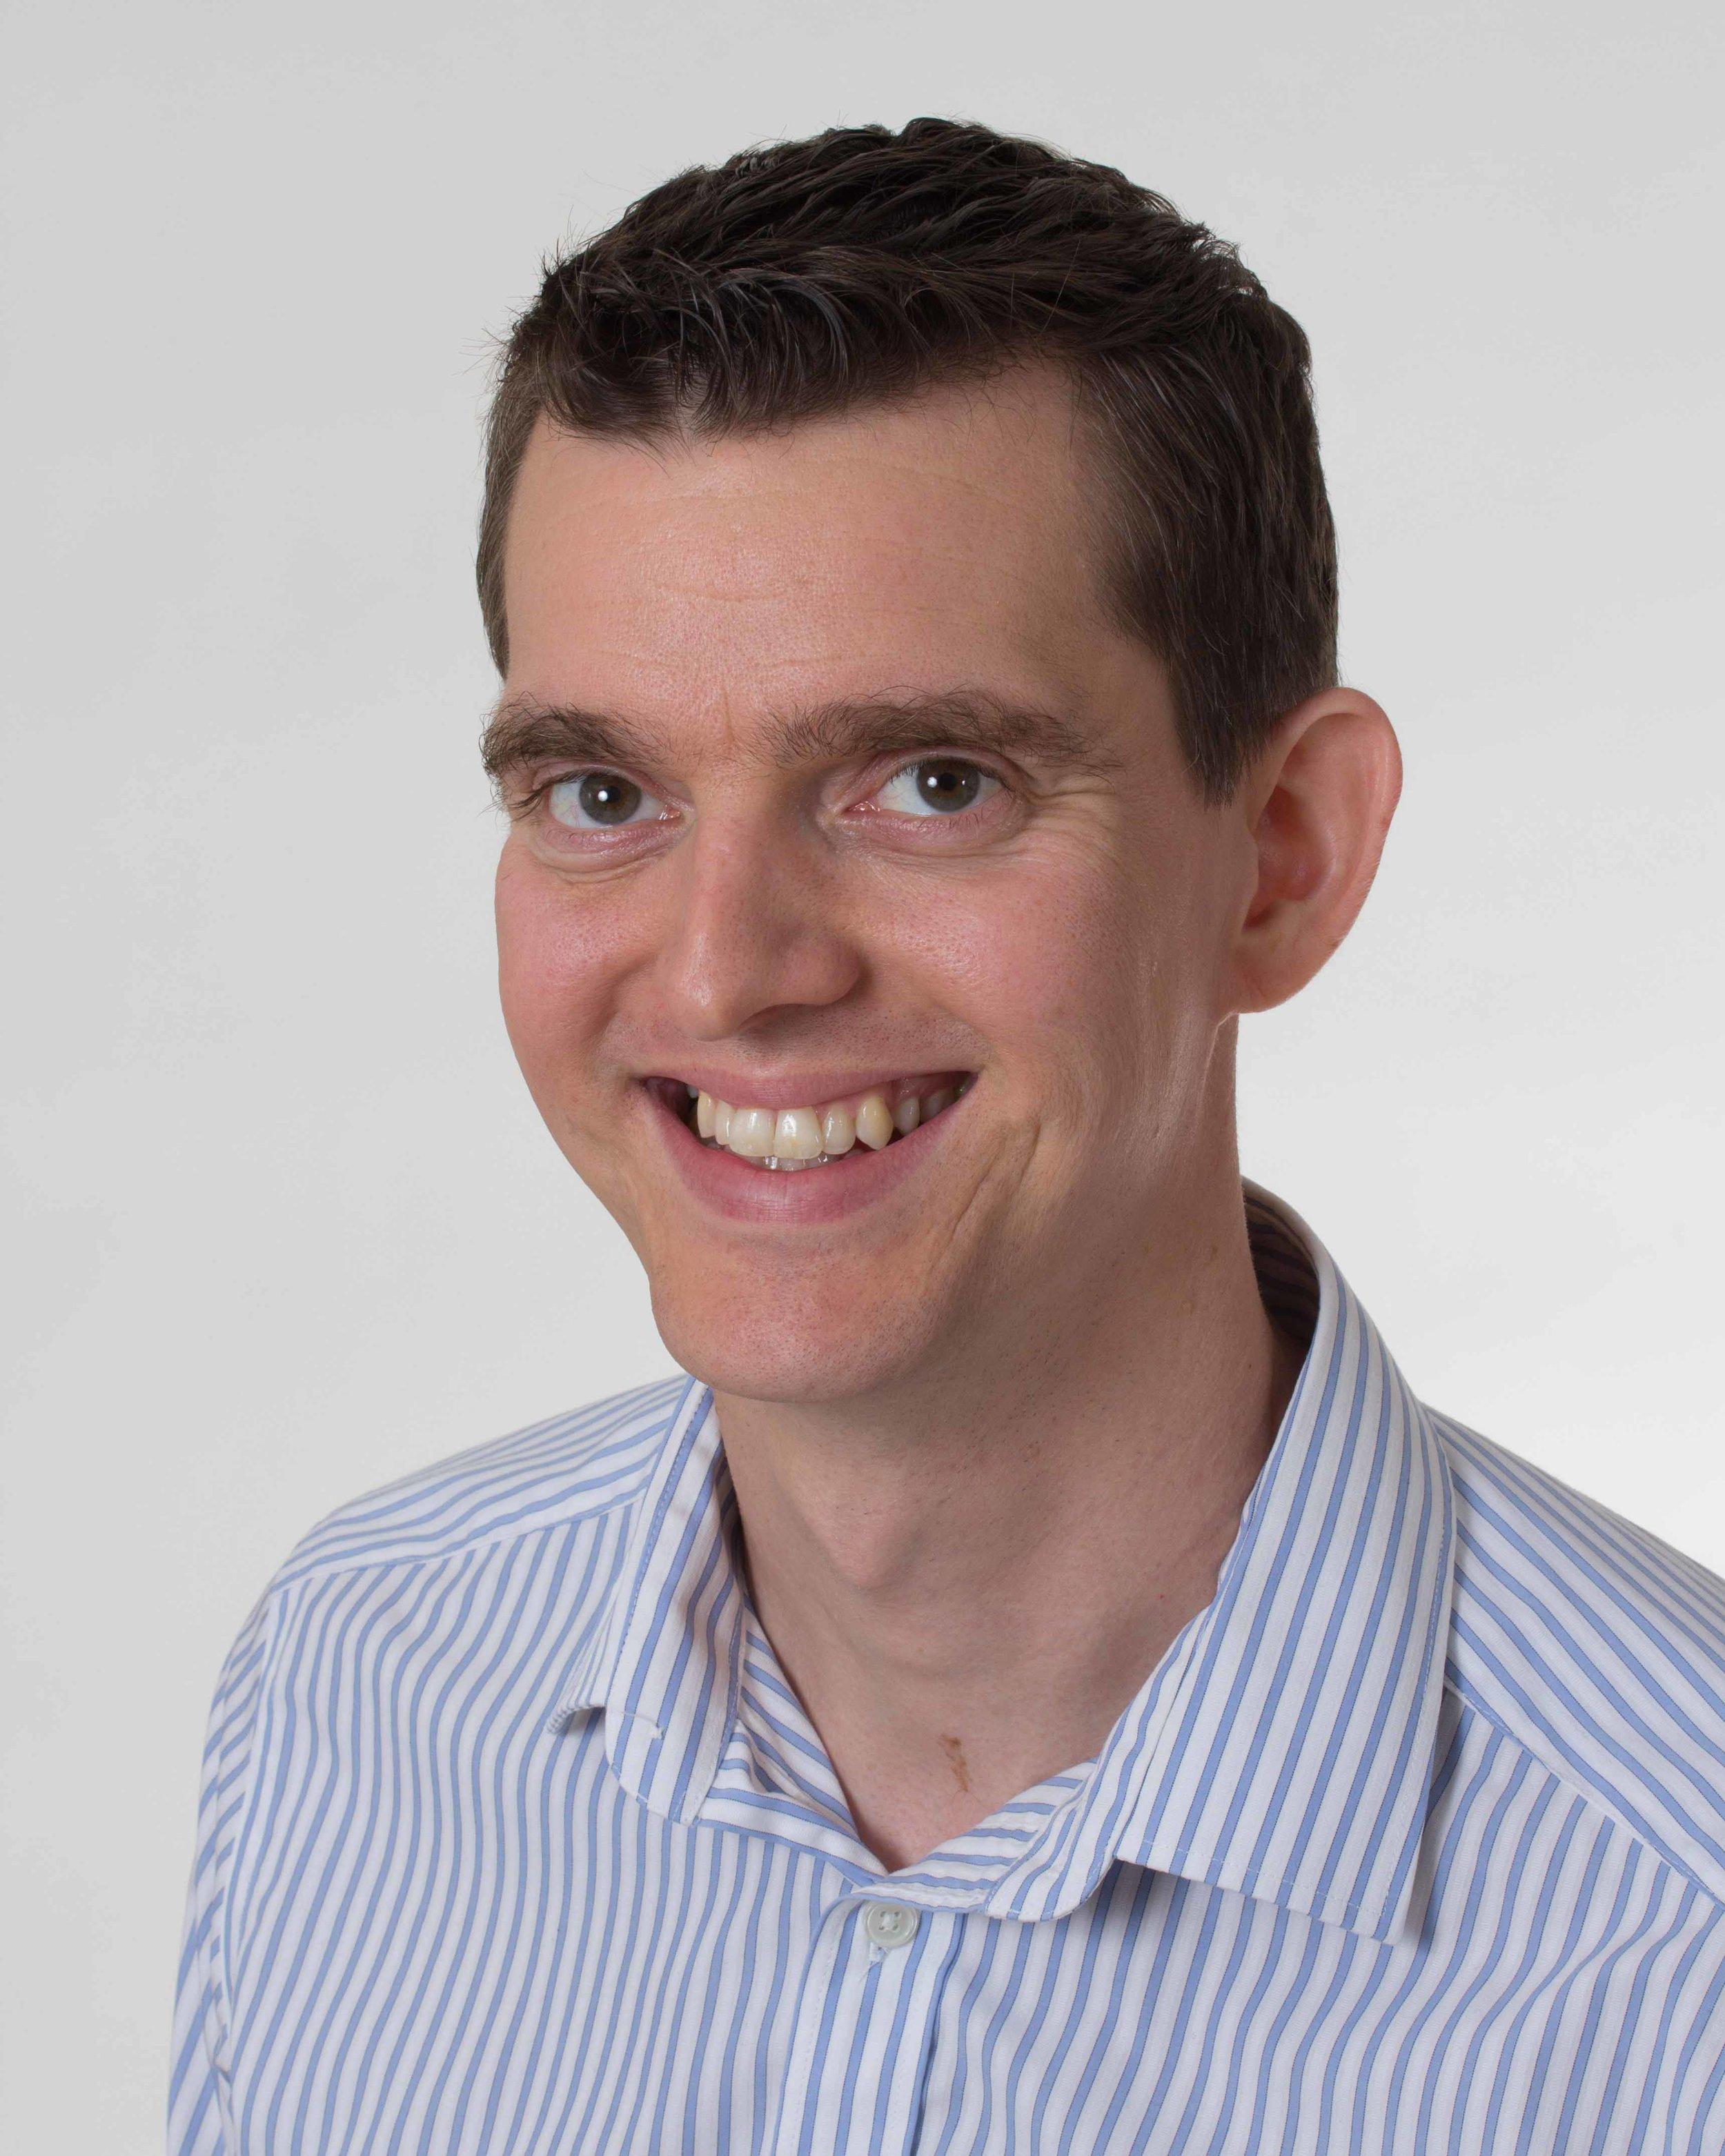 Alan Medcroft2 LowRes.jpg